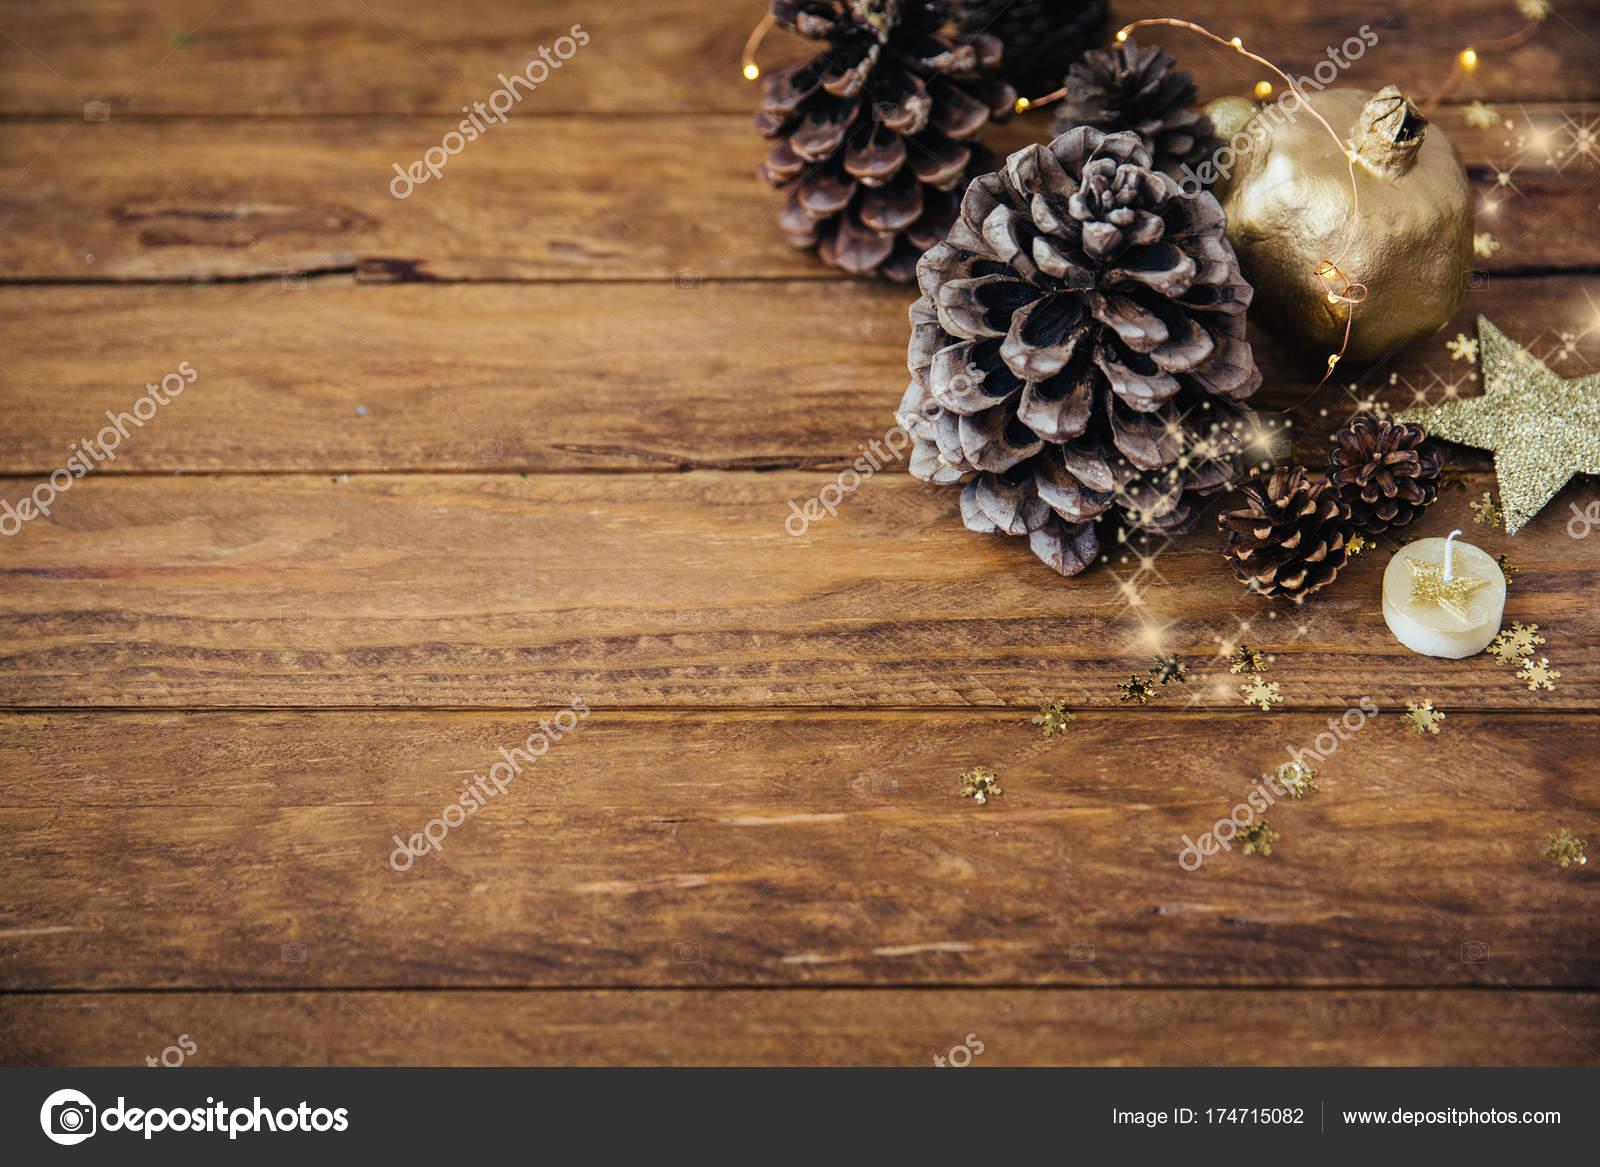 Feestdagen Natuurlijke Kerstdecoratie : Natuurlijke kerstversiering over houten achtergrond u2014 stockfoto